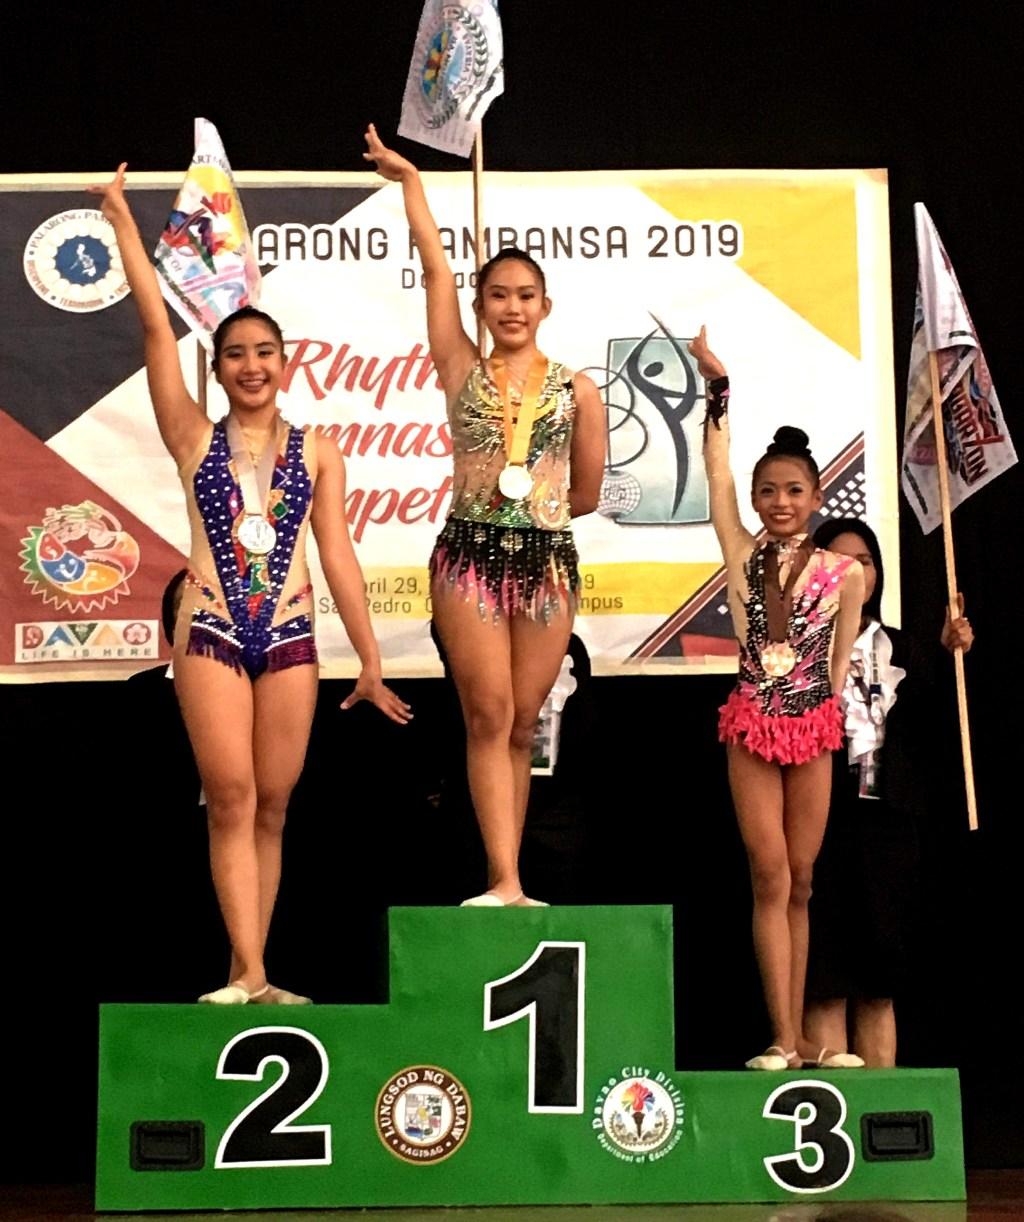 Marianne Alegado (center) of Cebu City